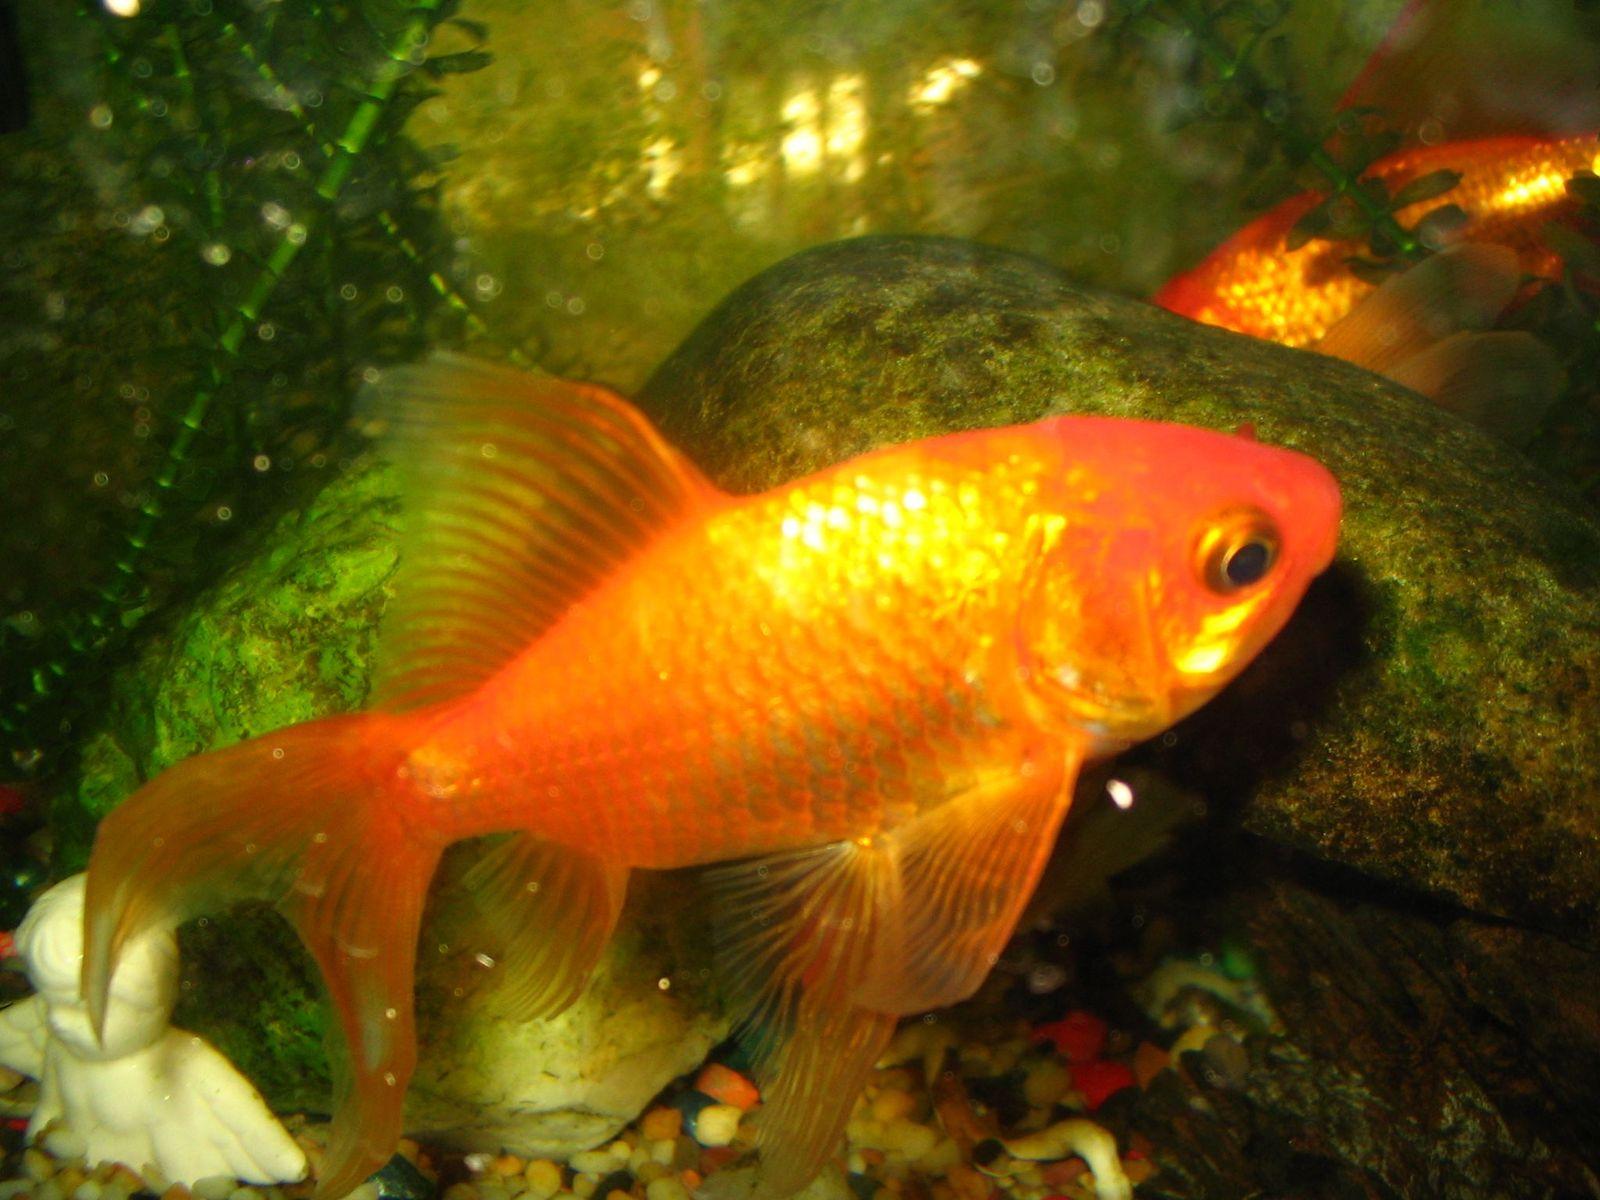 Free poisson rouge 1 stock photo for Nourriture poisson rouge 1 mois